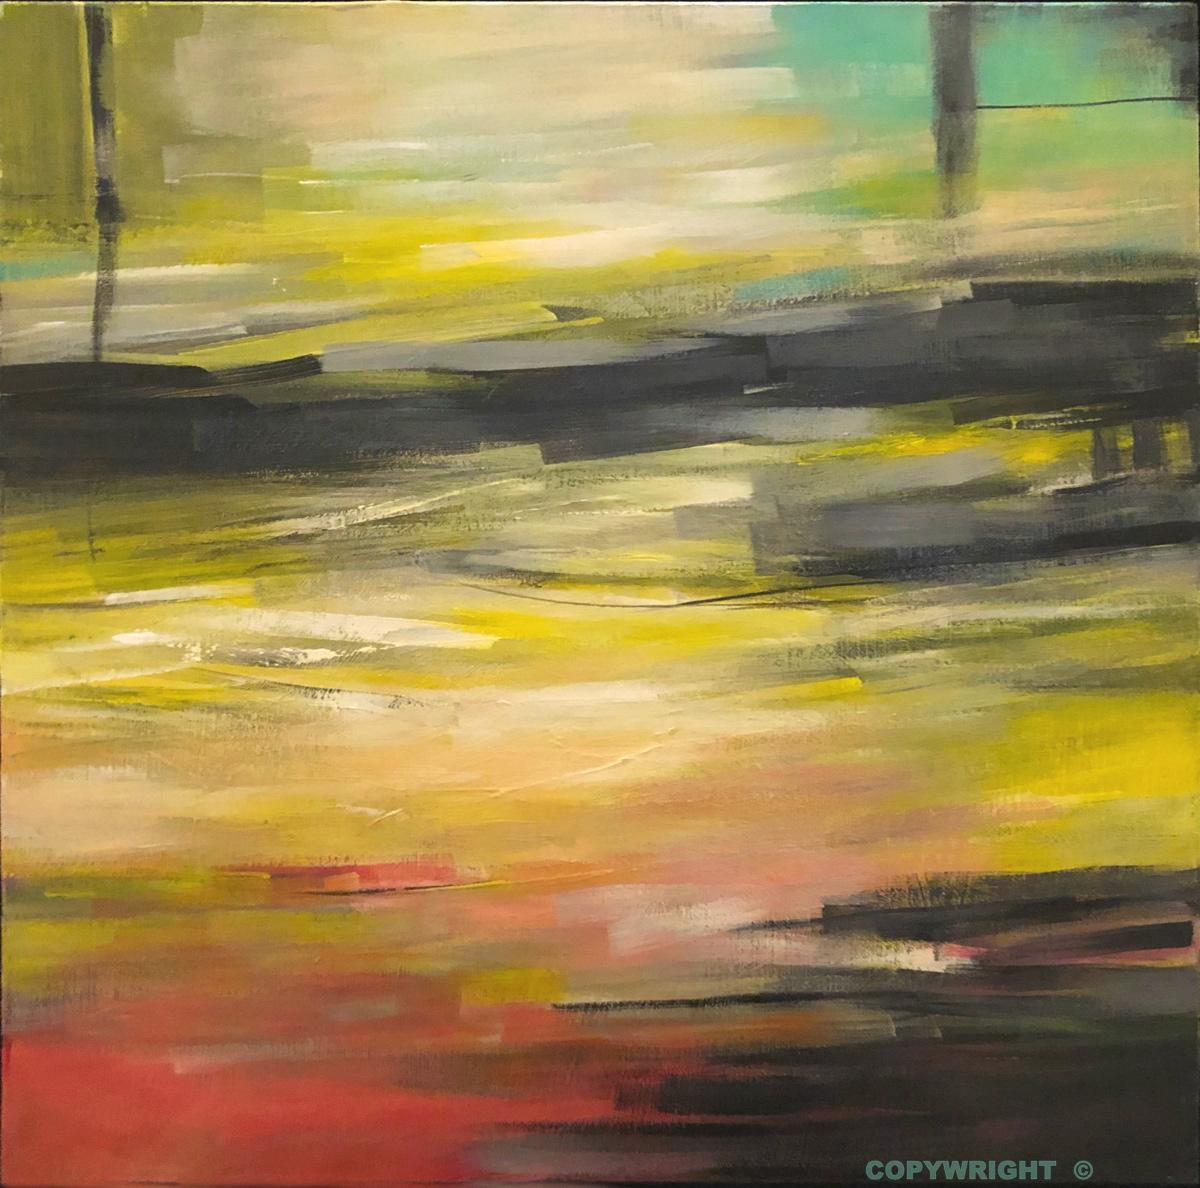 art-peinture- abstraction-tableau-ambiance feutré d'un paysage de souvenirs-Nathalie Noël